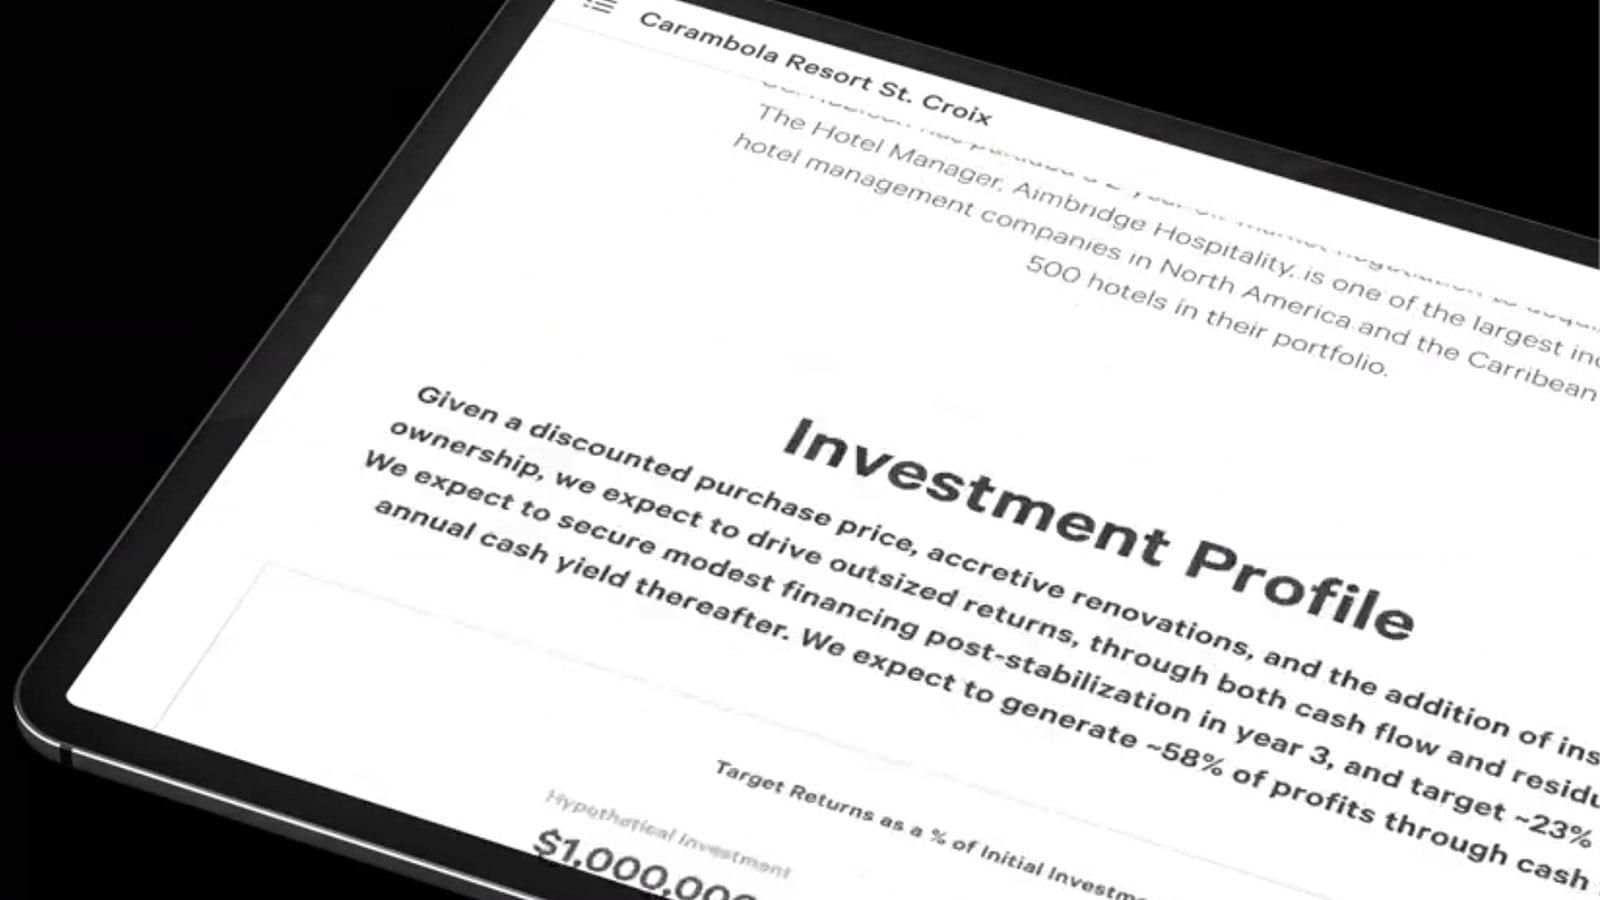 不動産投資に流動性と透明性を。選び抜かれた投資物件の取引プラットフォームCadre